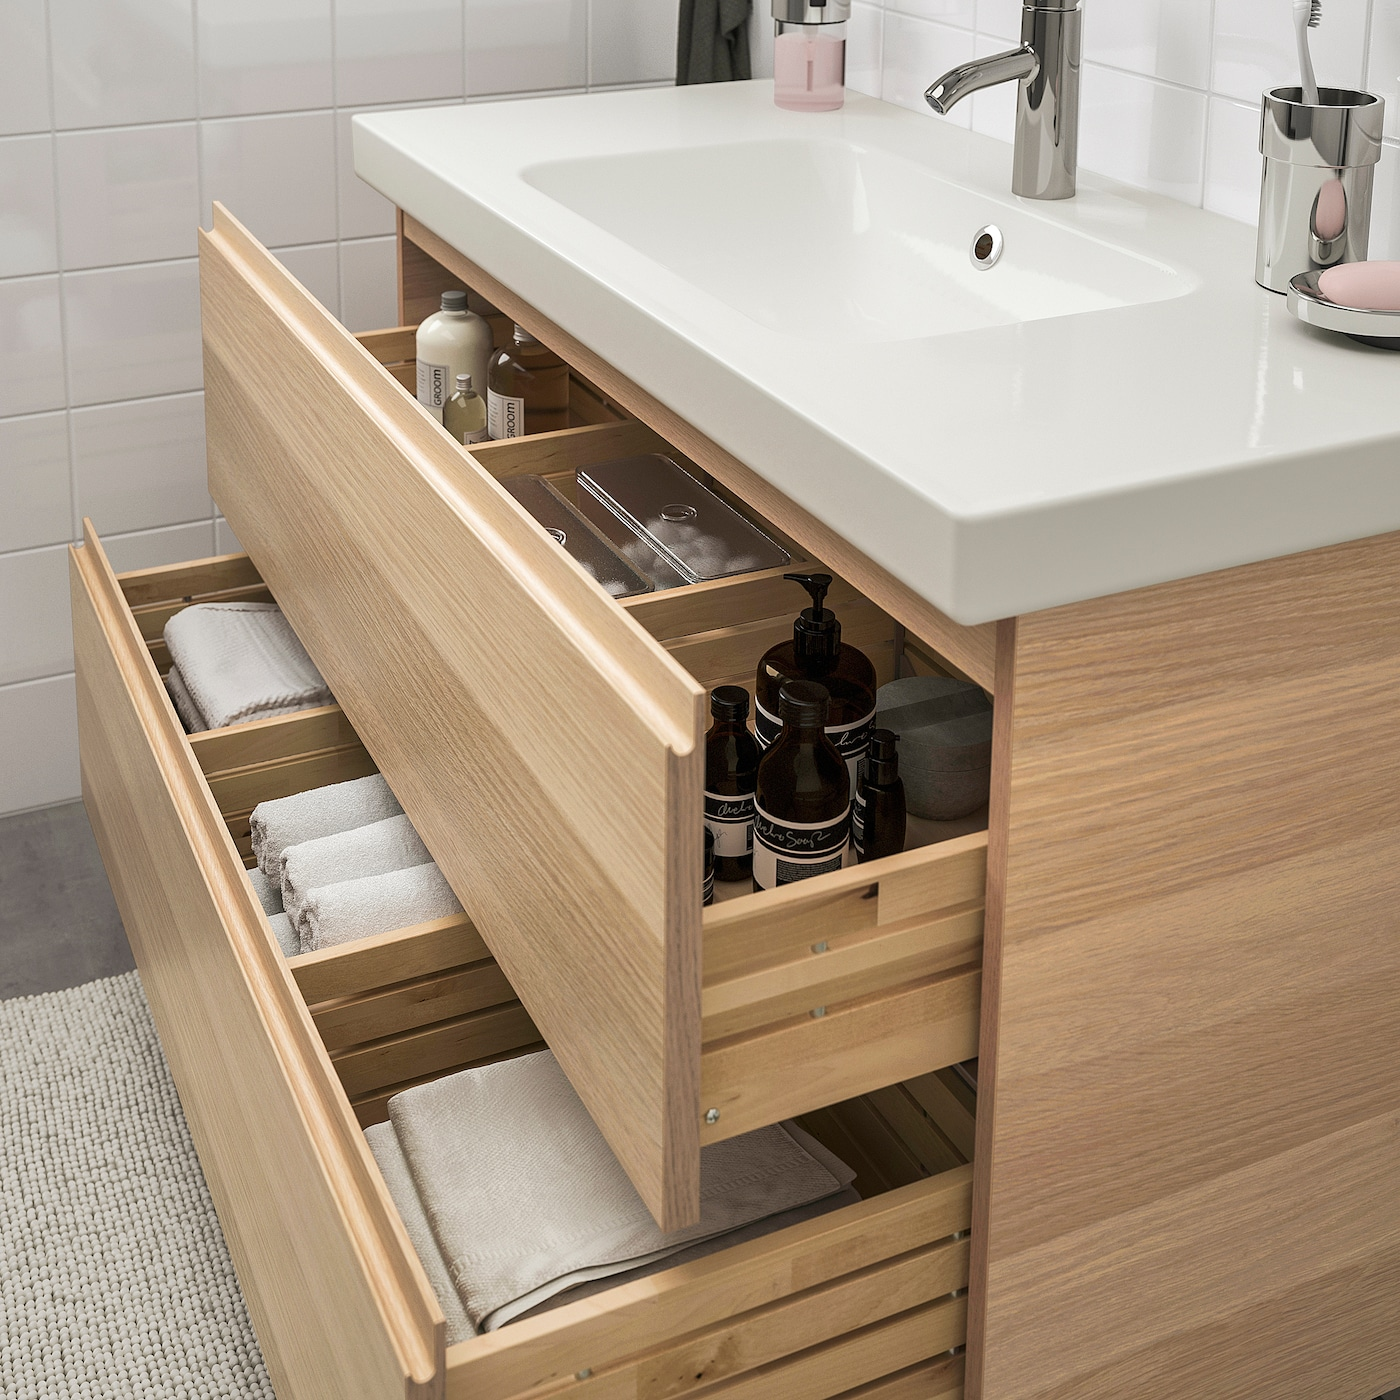 GODMORGON / ODENSVIK Mobilier salle de bain, 16 pièces - effet chêne  blanchi, Dalskär mitigeur lavabo 16 cm